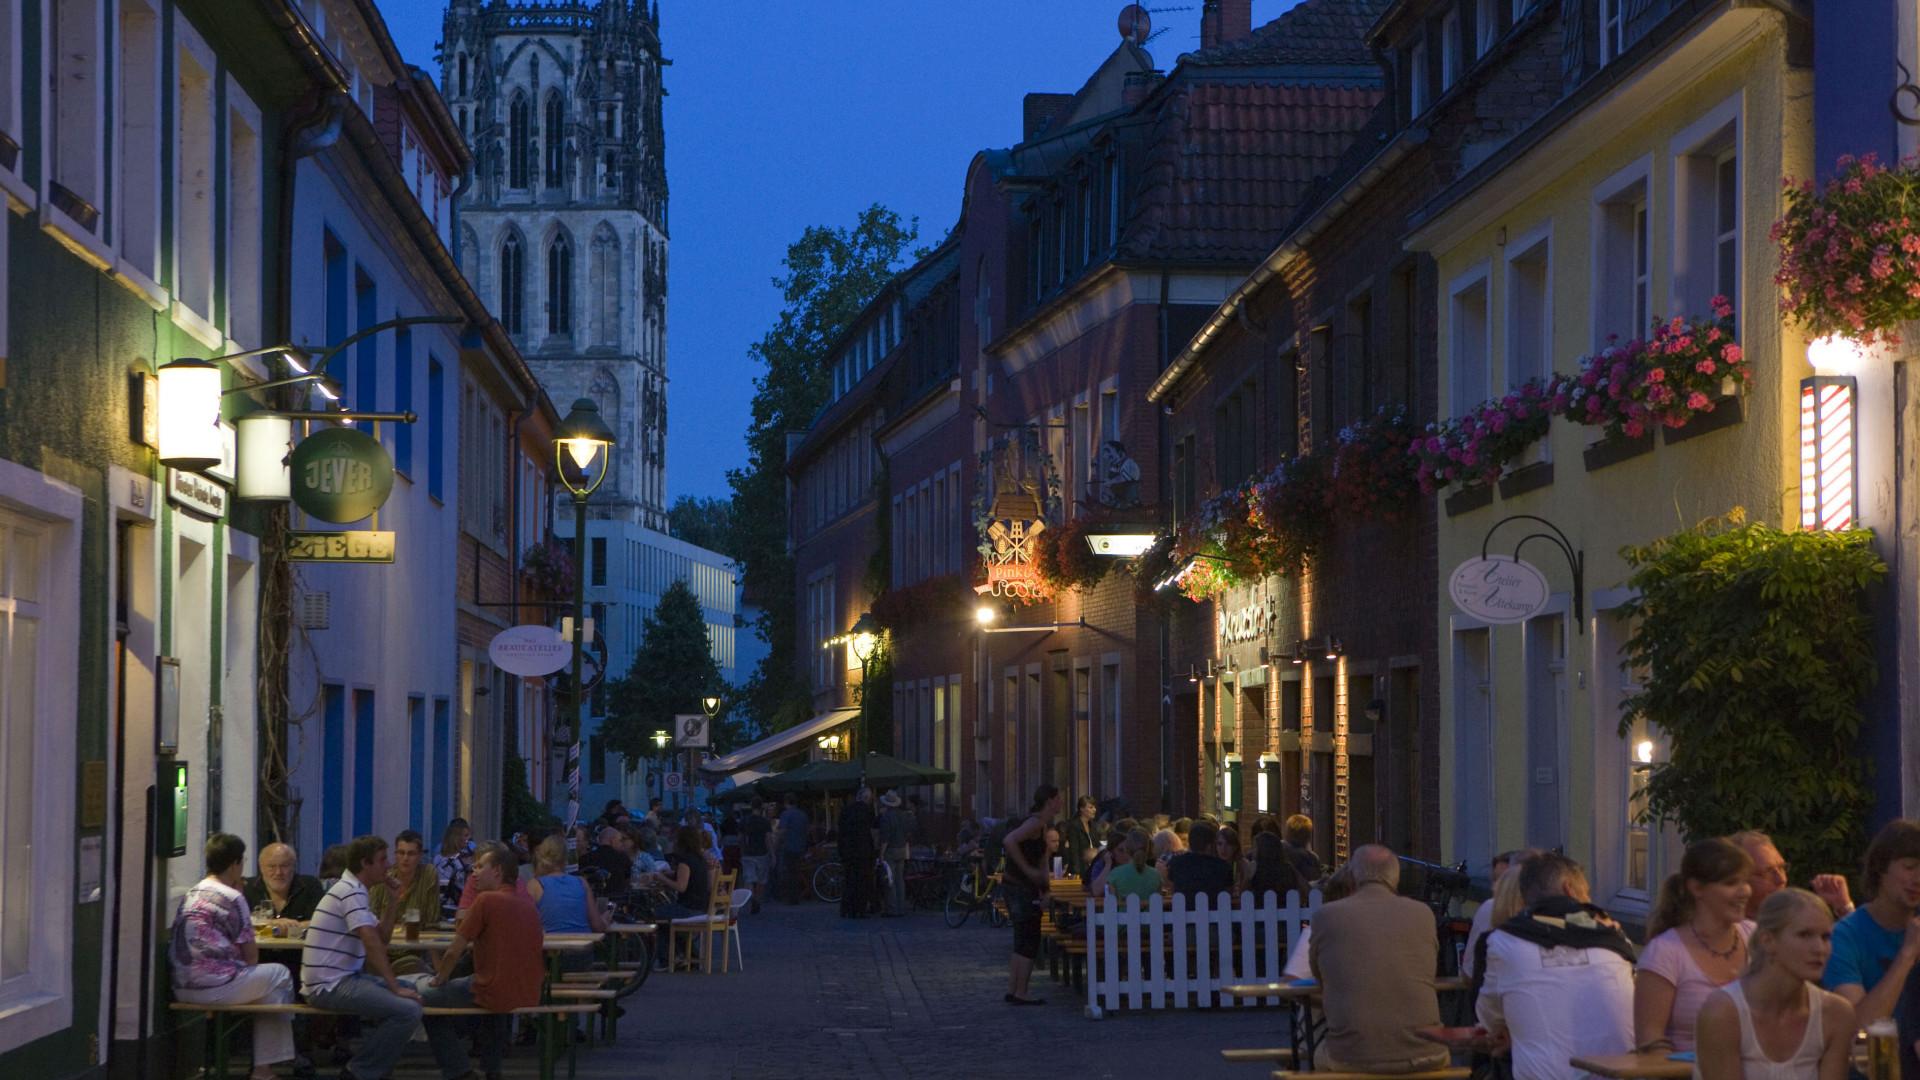 Münster's Kuhviertel district